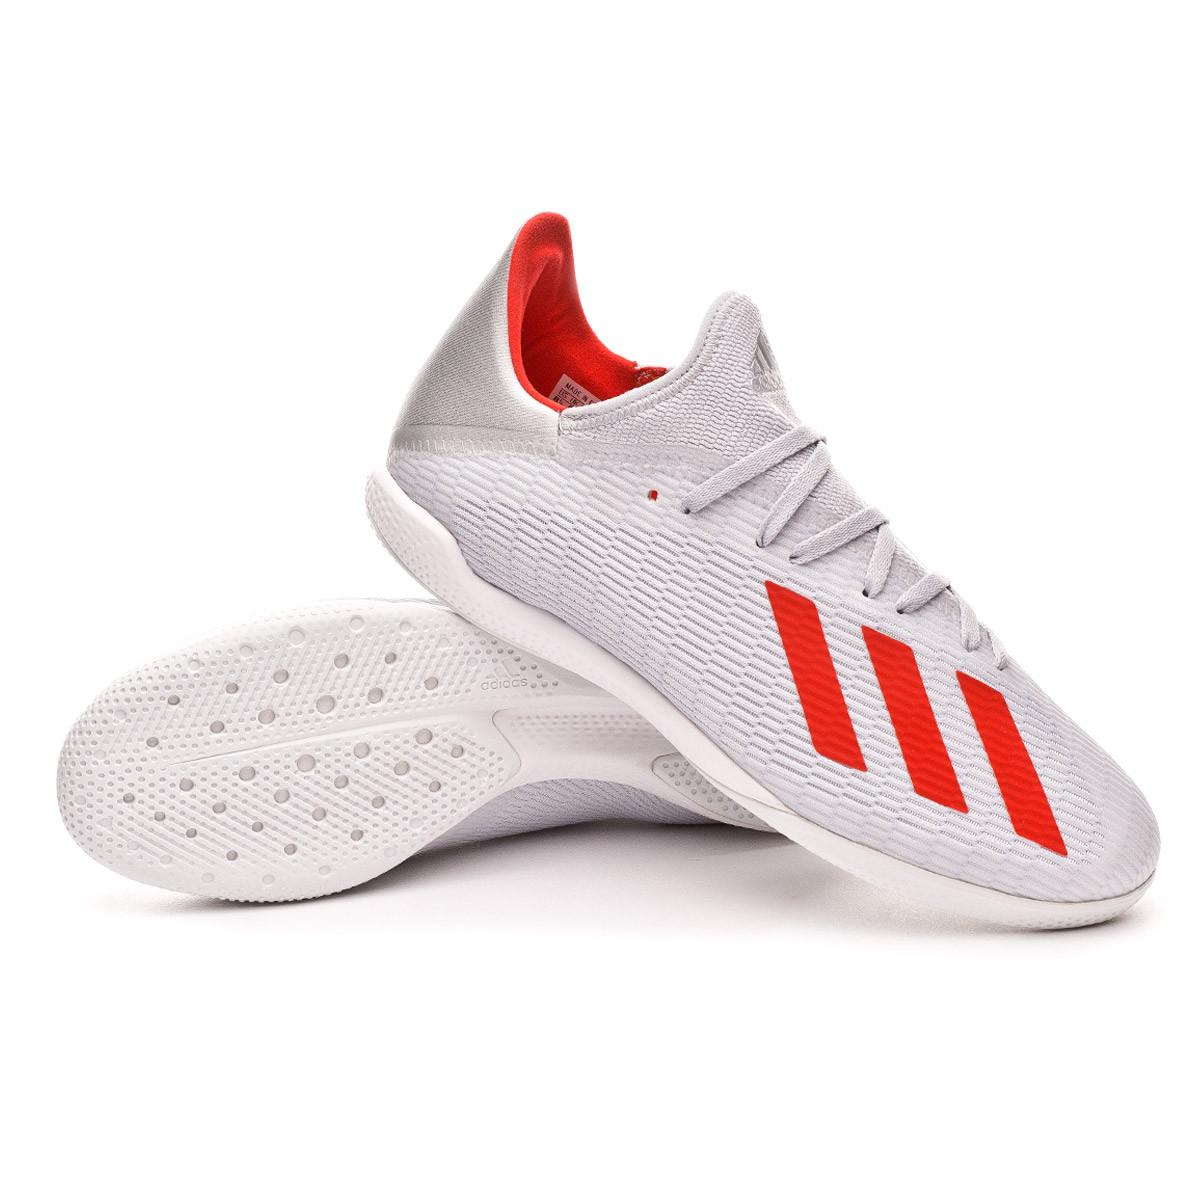 Happening sædvanligt Sidst adidas futsal shoes Udløbet produktion ...